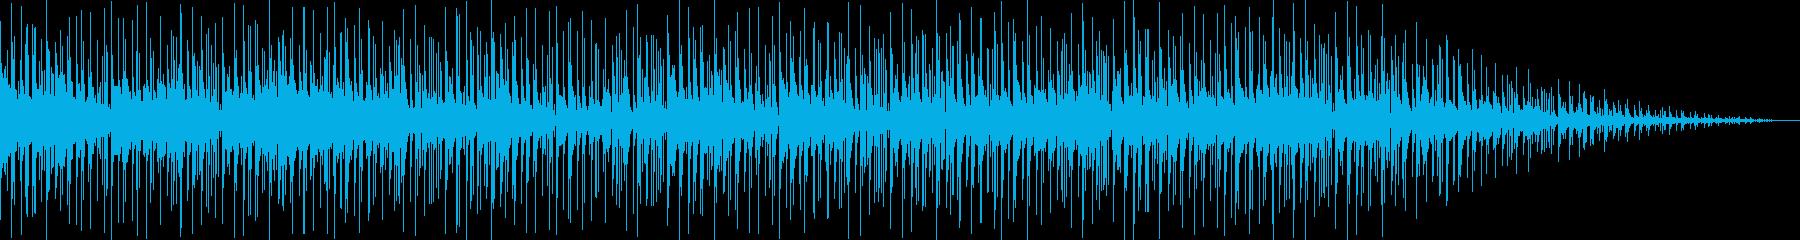 イージーリスニング/ライトジャズだ...の再生済みの波形